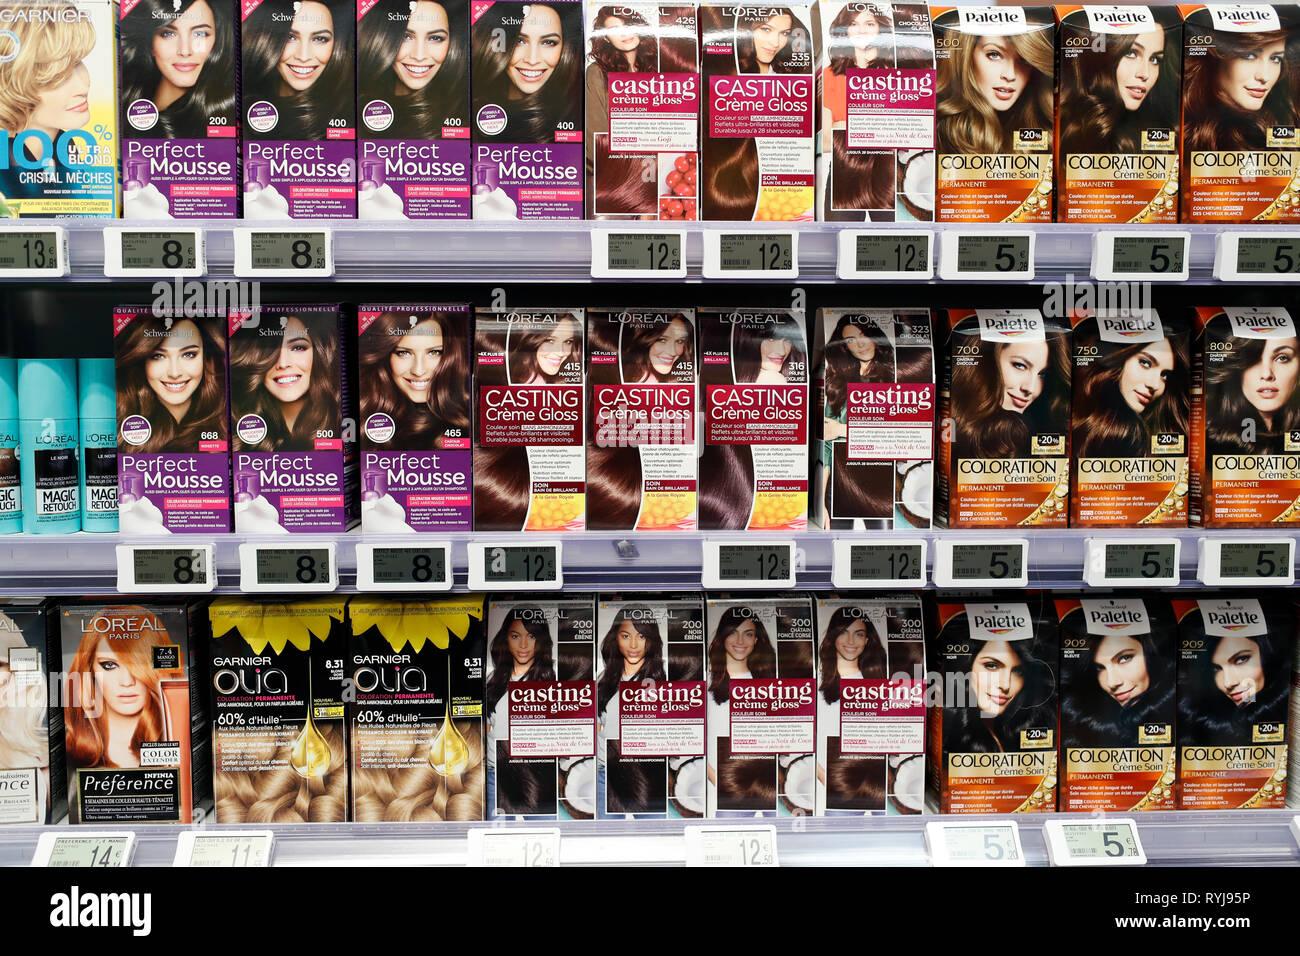 Kosmetik. Shampoo. Supermarkt. Frankreich. Stockbild